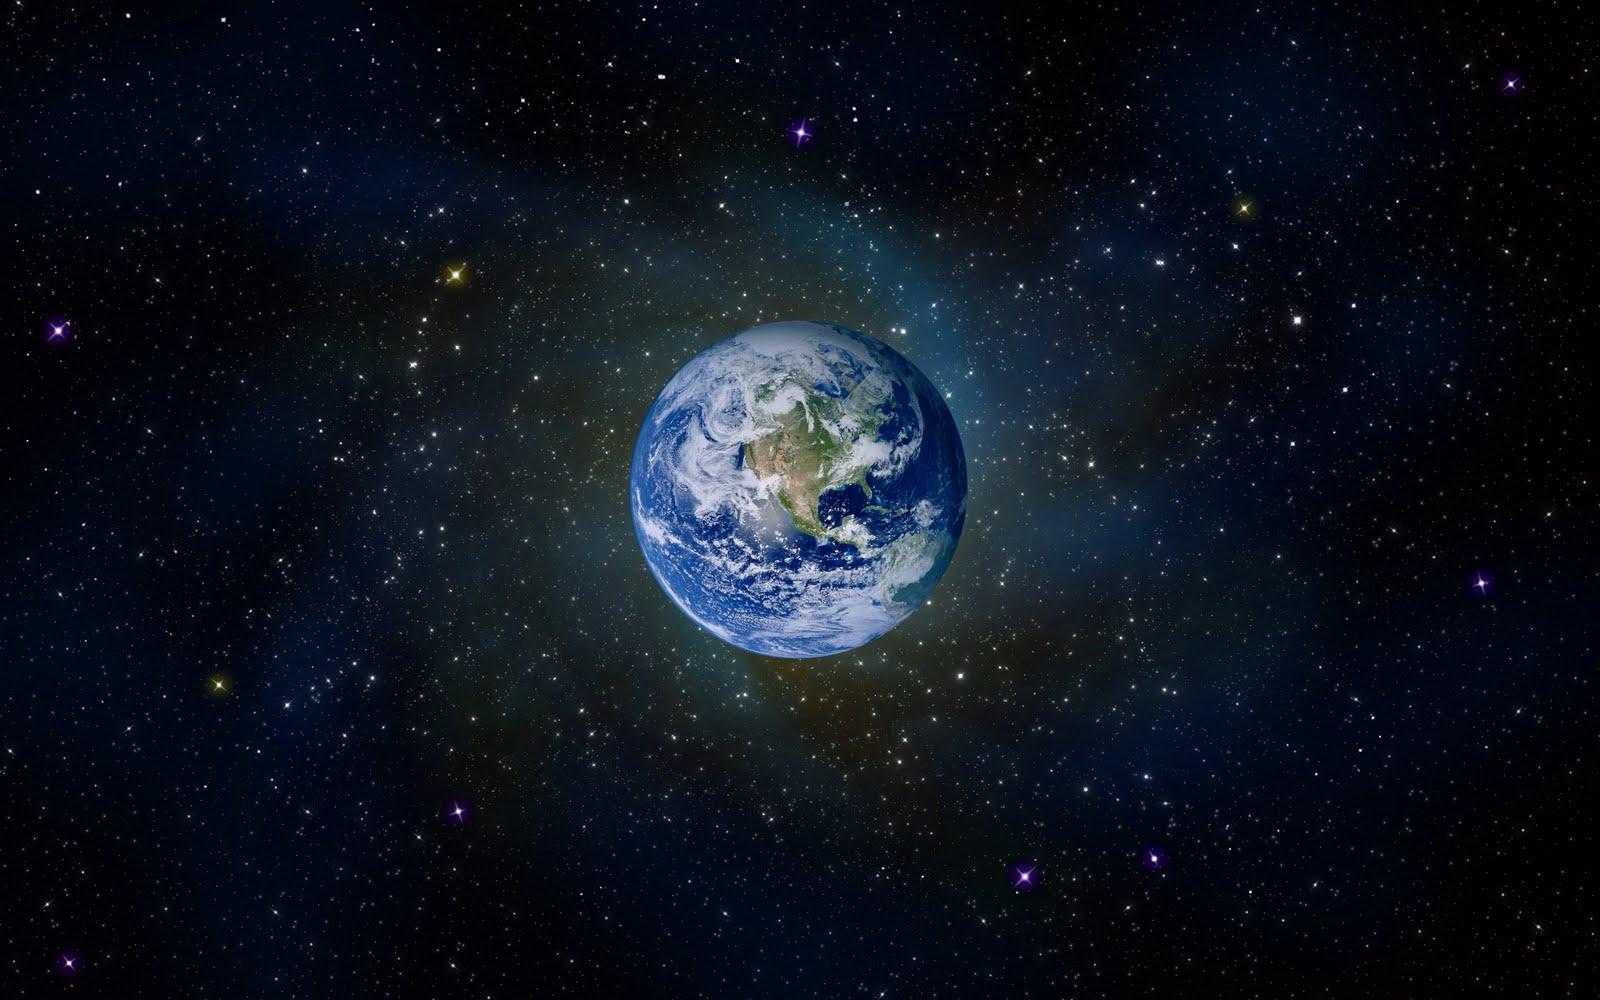 E anche oggi la terra ruota su se stessa nel suo moto perpetuo e ci regala un altro giorno